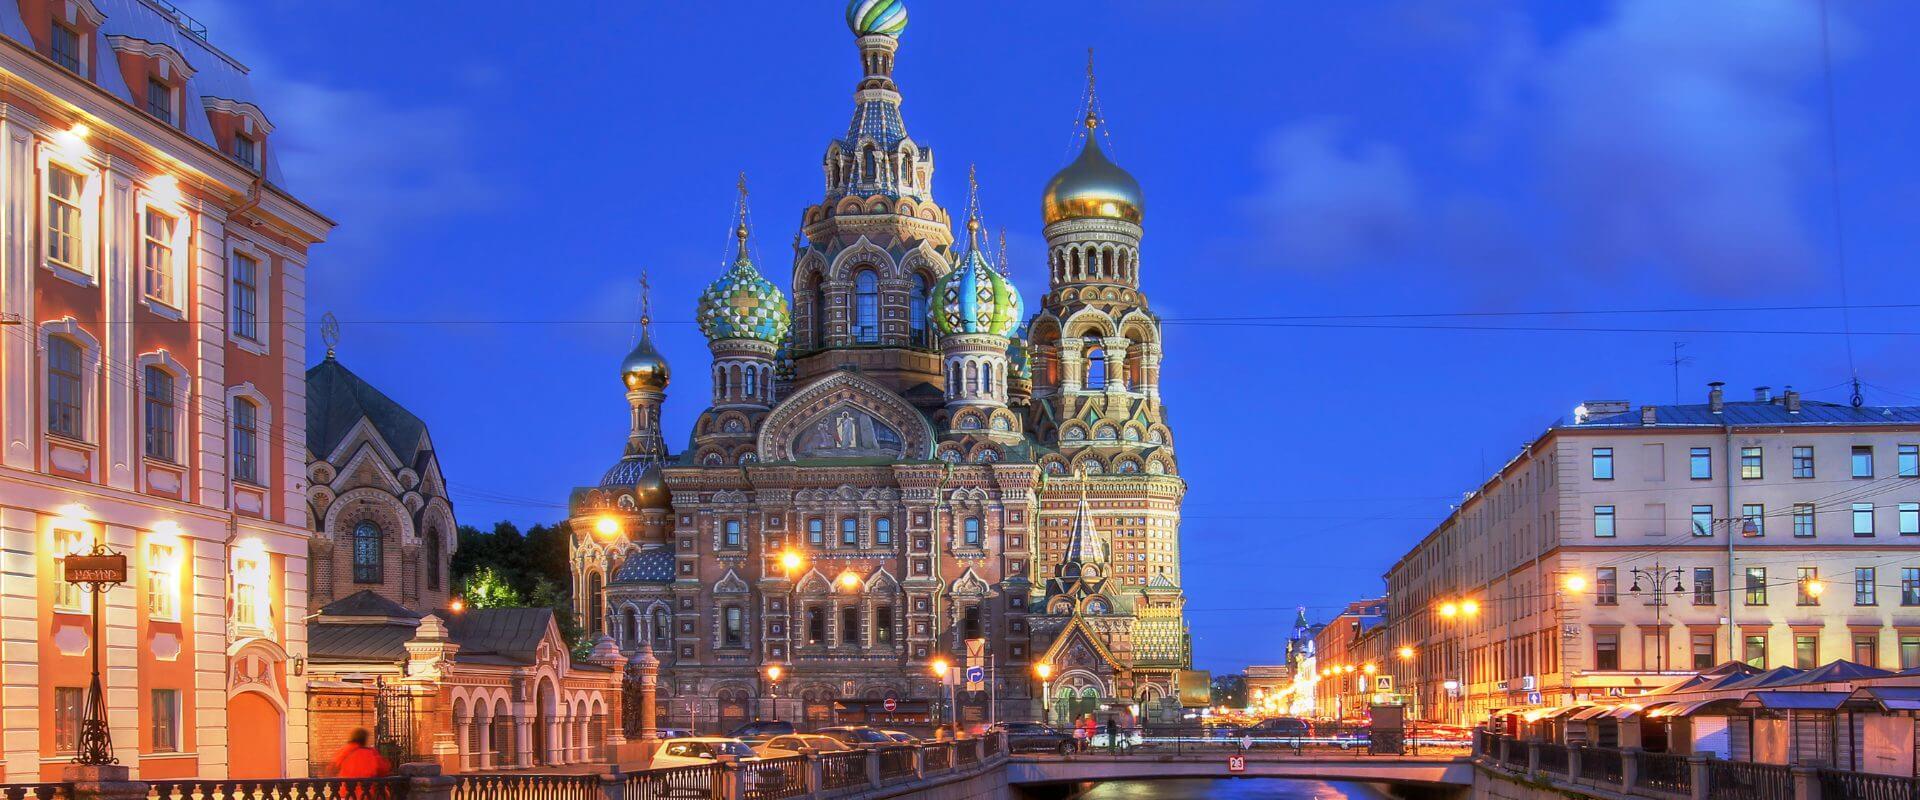 Bild St. Petersburg